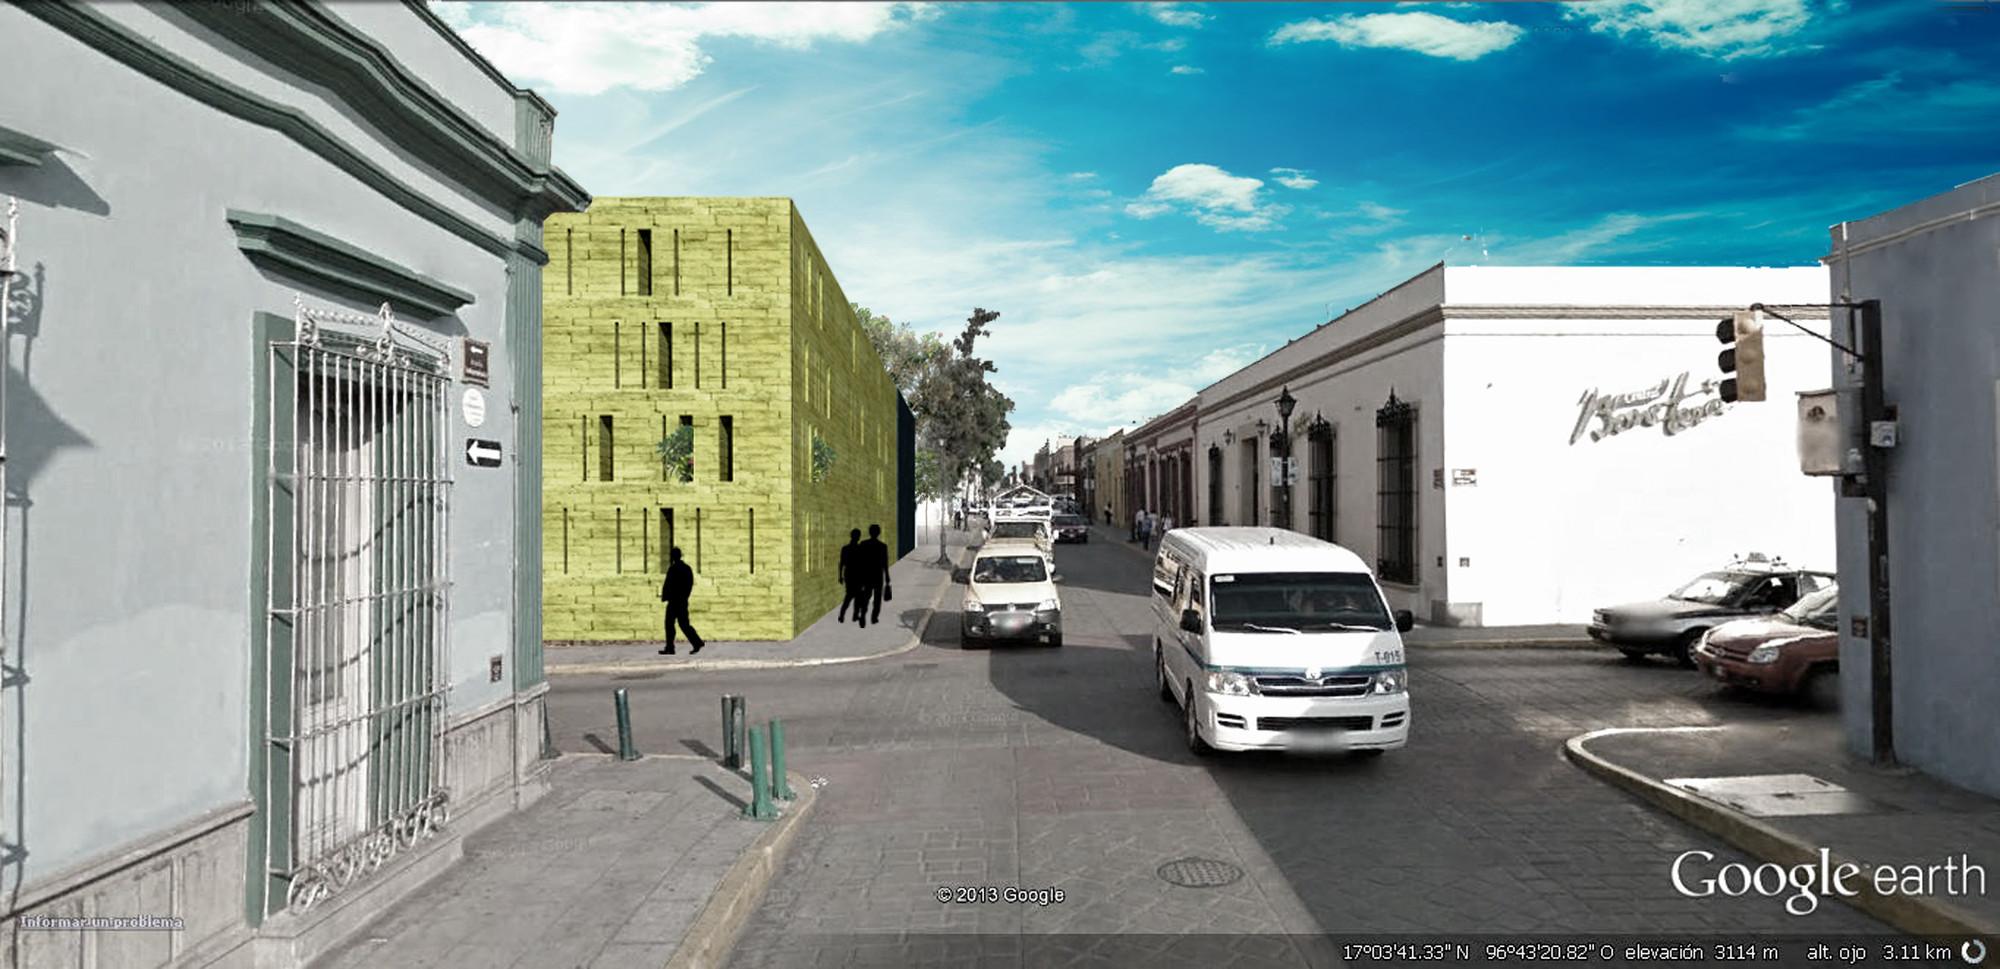 Primer Lugar del Concurso para el Diseño del Centro de Vinculación San Pablo / Oaxaca, México, Cortesía Equipo Primer Lugar. ImagePerspectiva Exterior desde Independencia